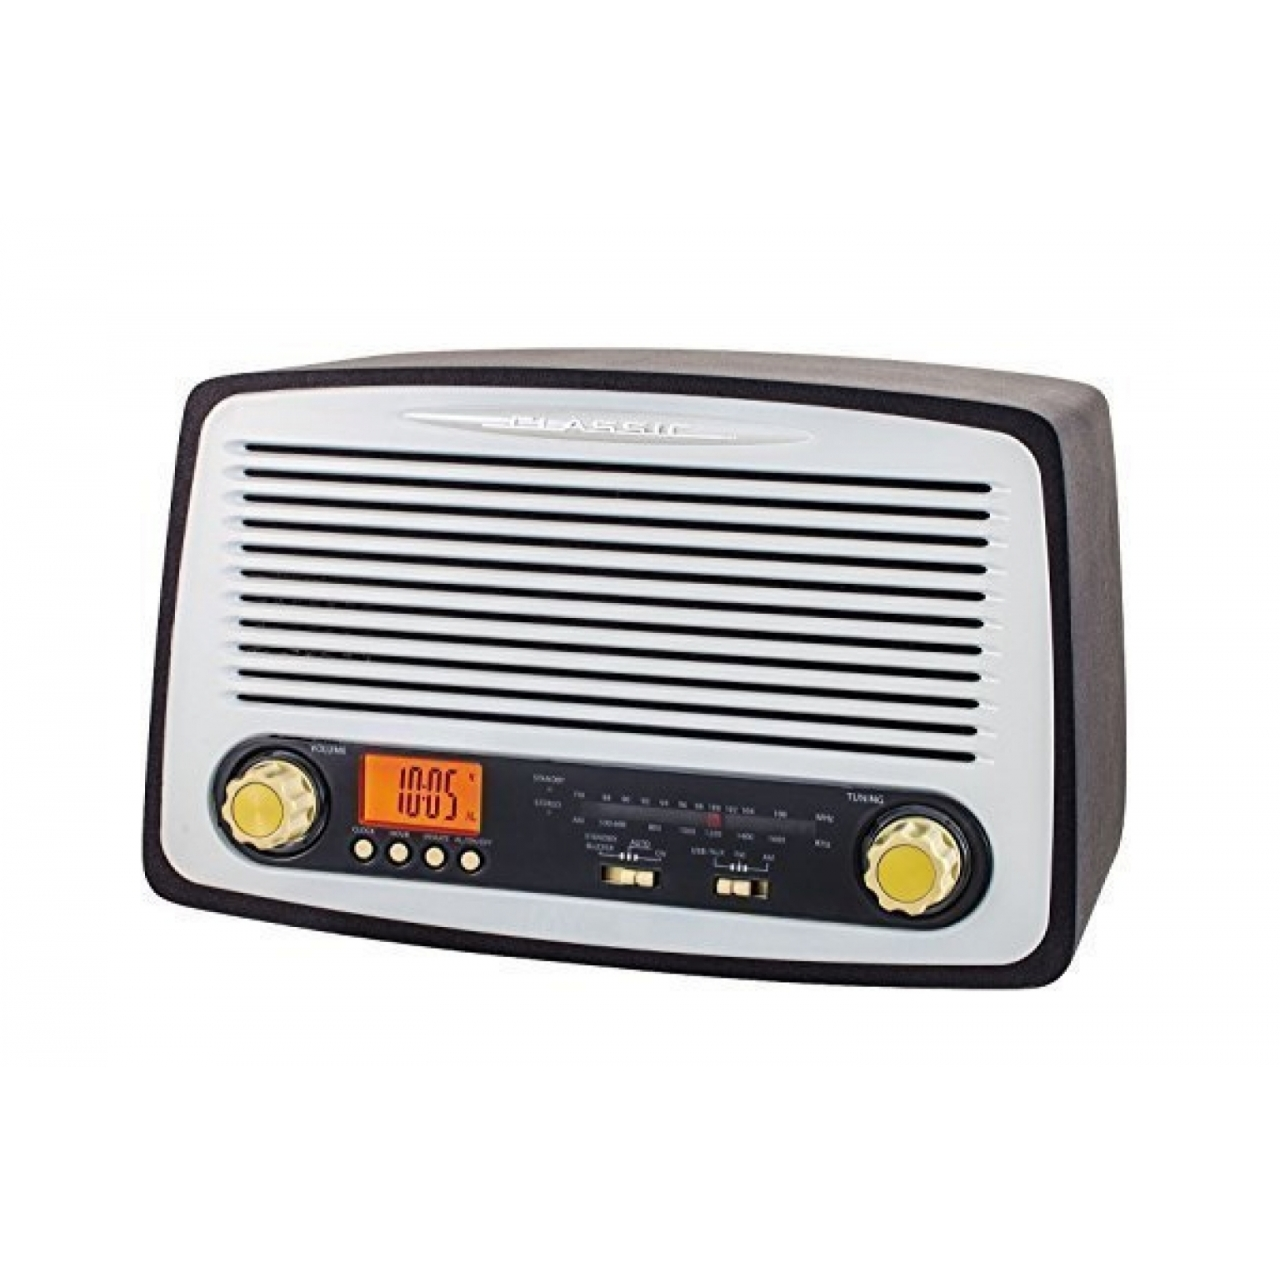 Nostalgie Retro Küchenradio Test klarTest de